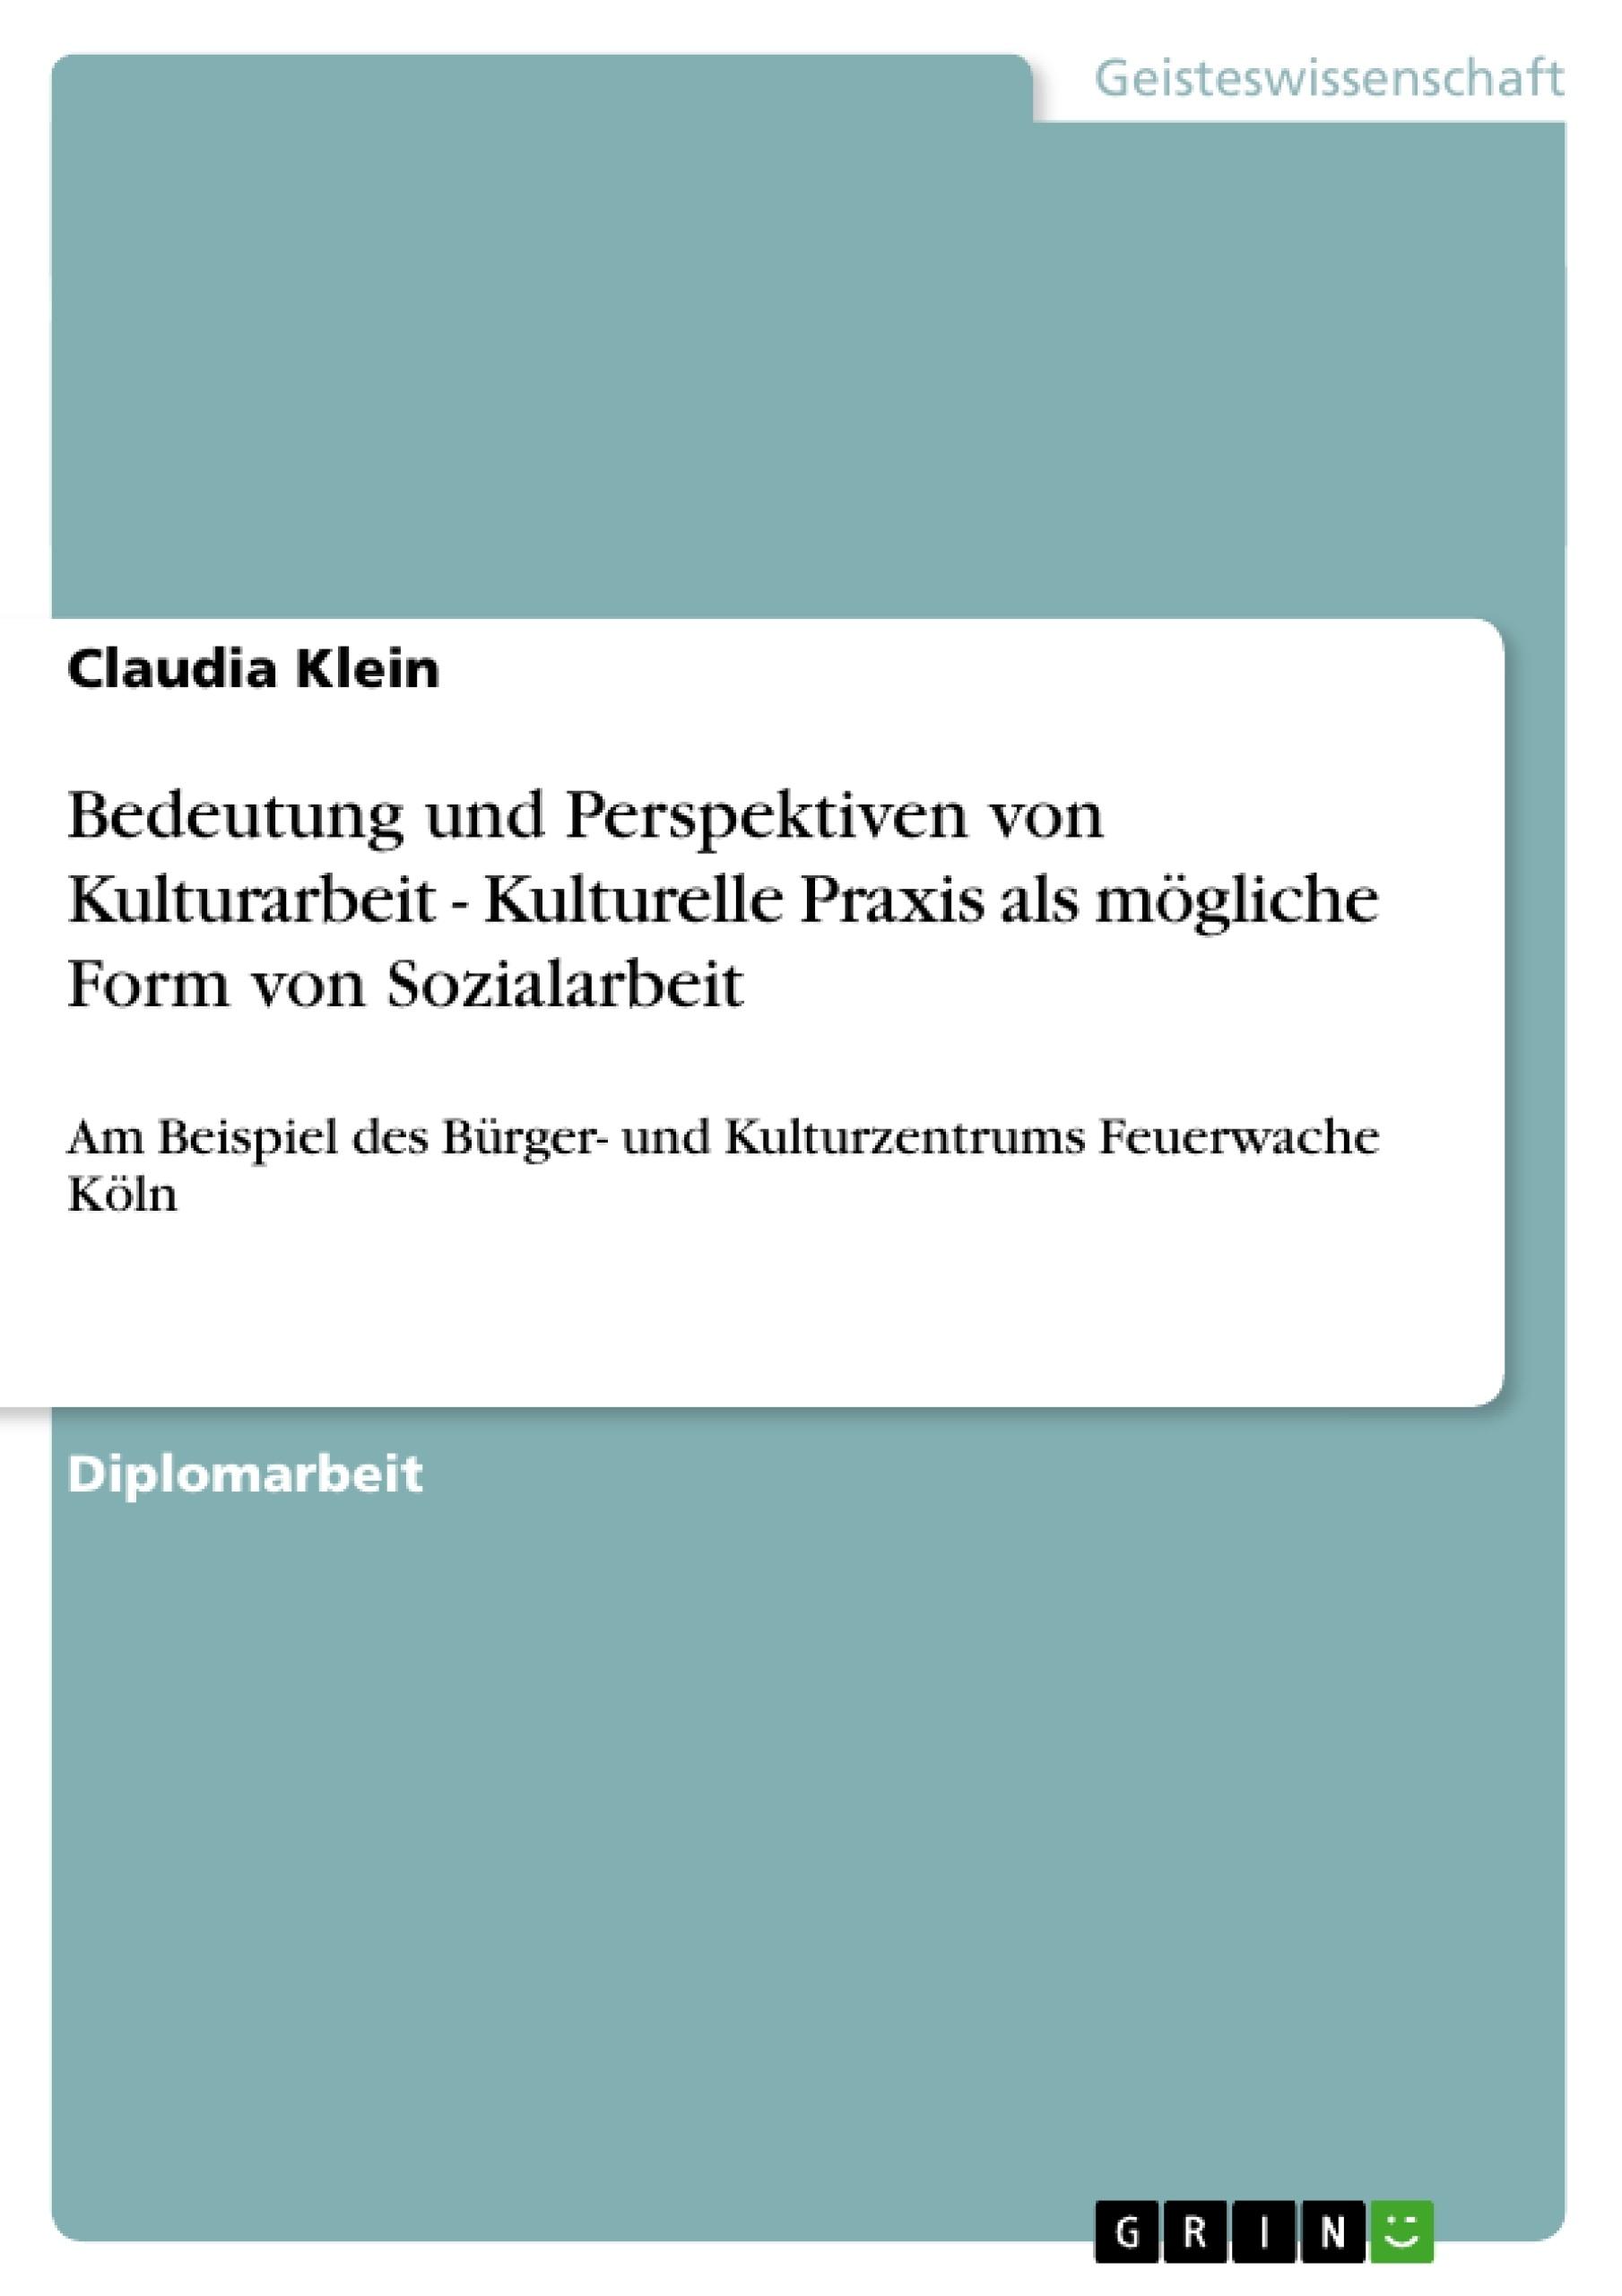 Titel: Bedeutung und Perspektiven von Kulturarbeit - Kulturelle Praxis als mögliche Form von Sozialarbeit